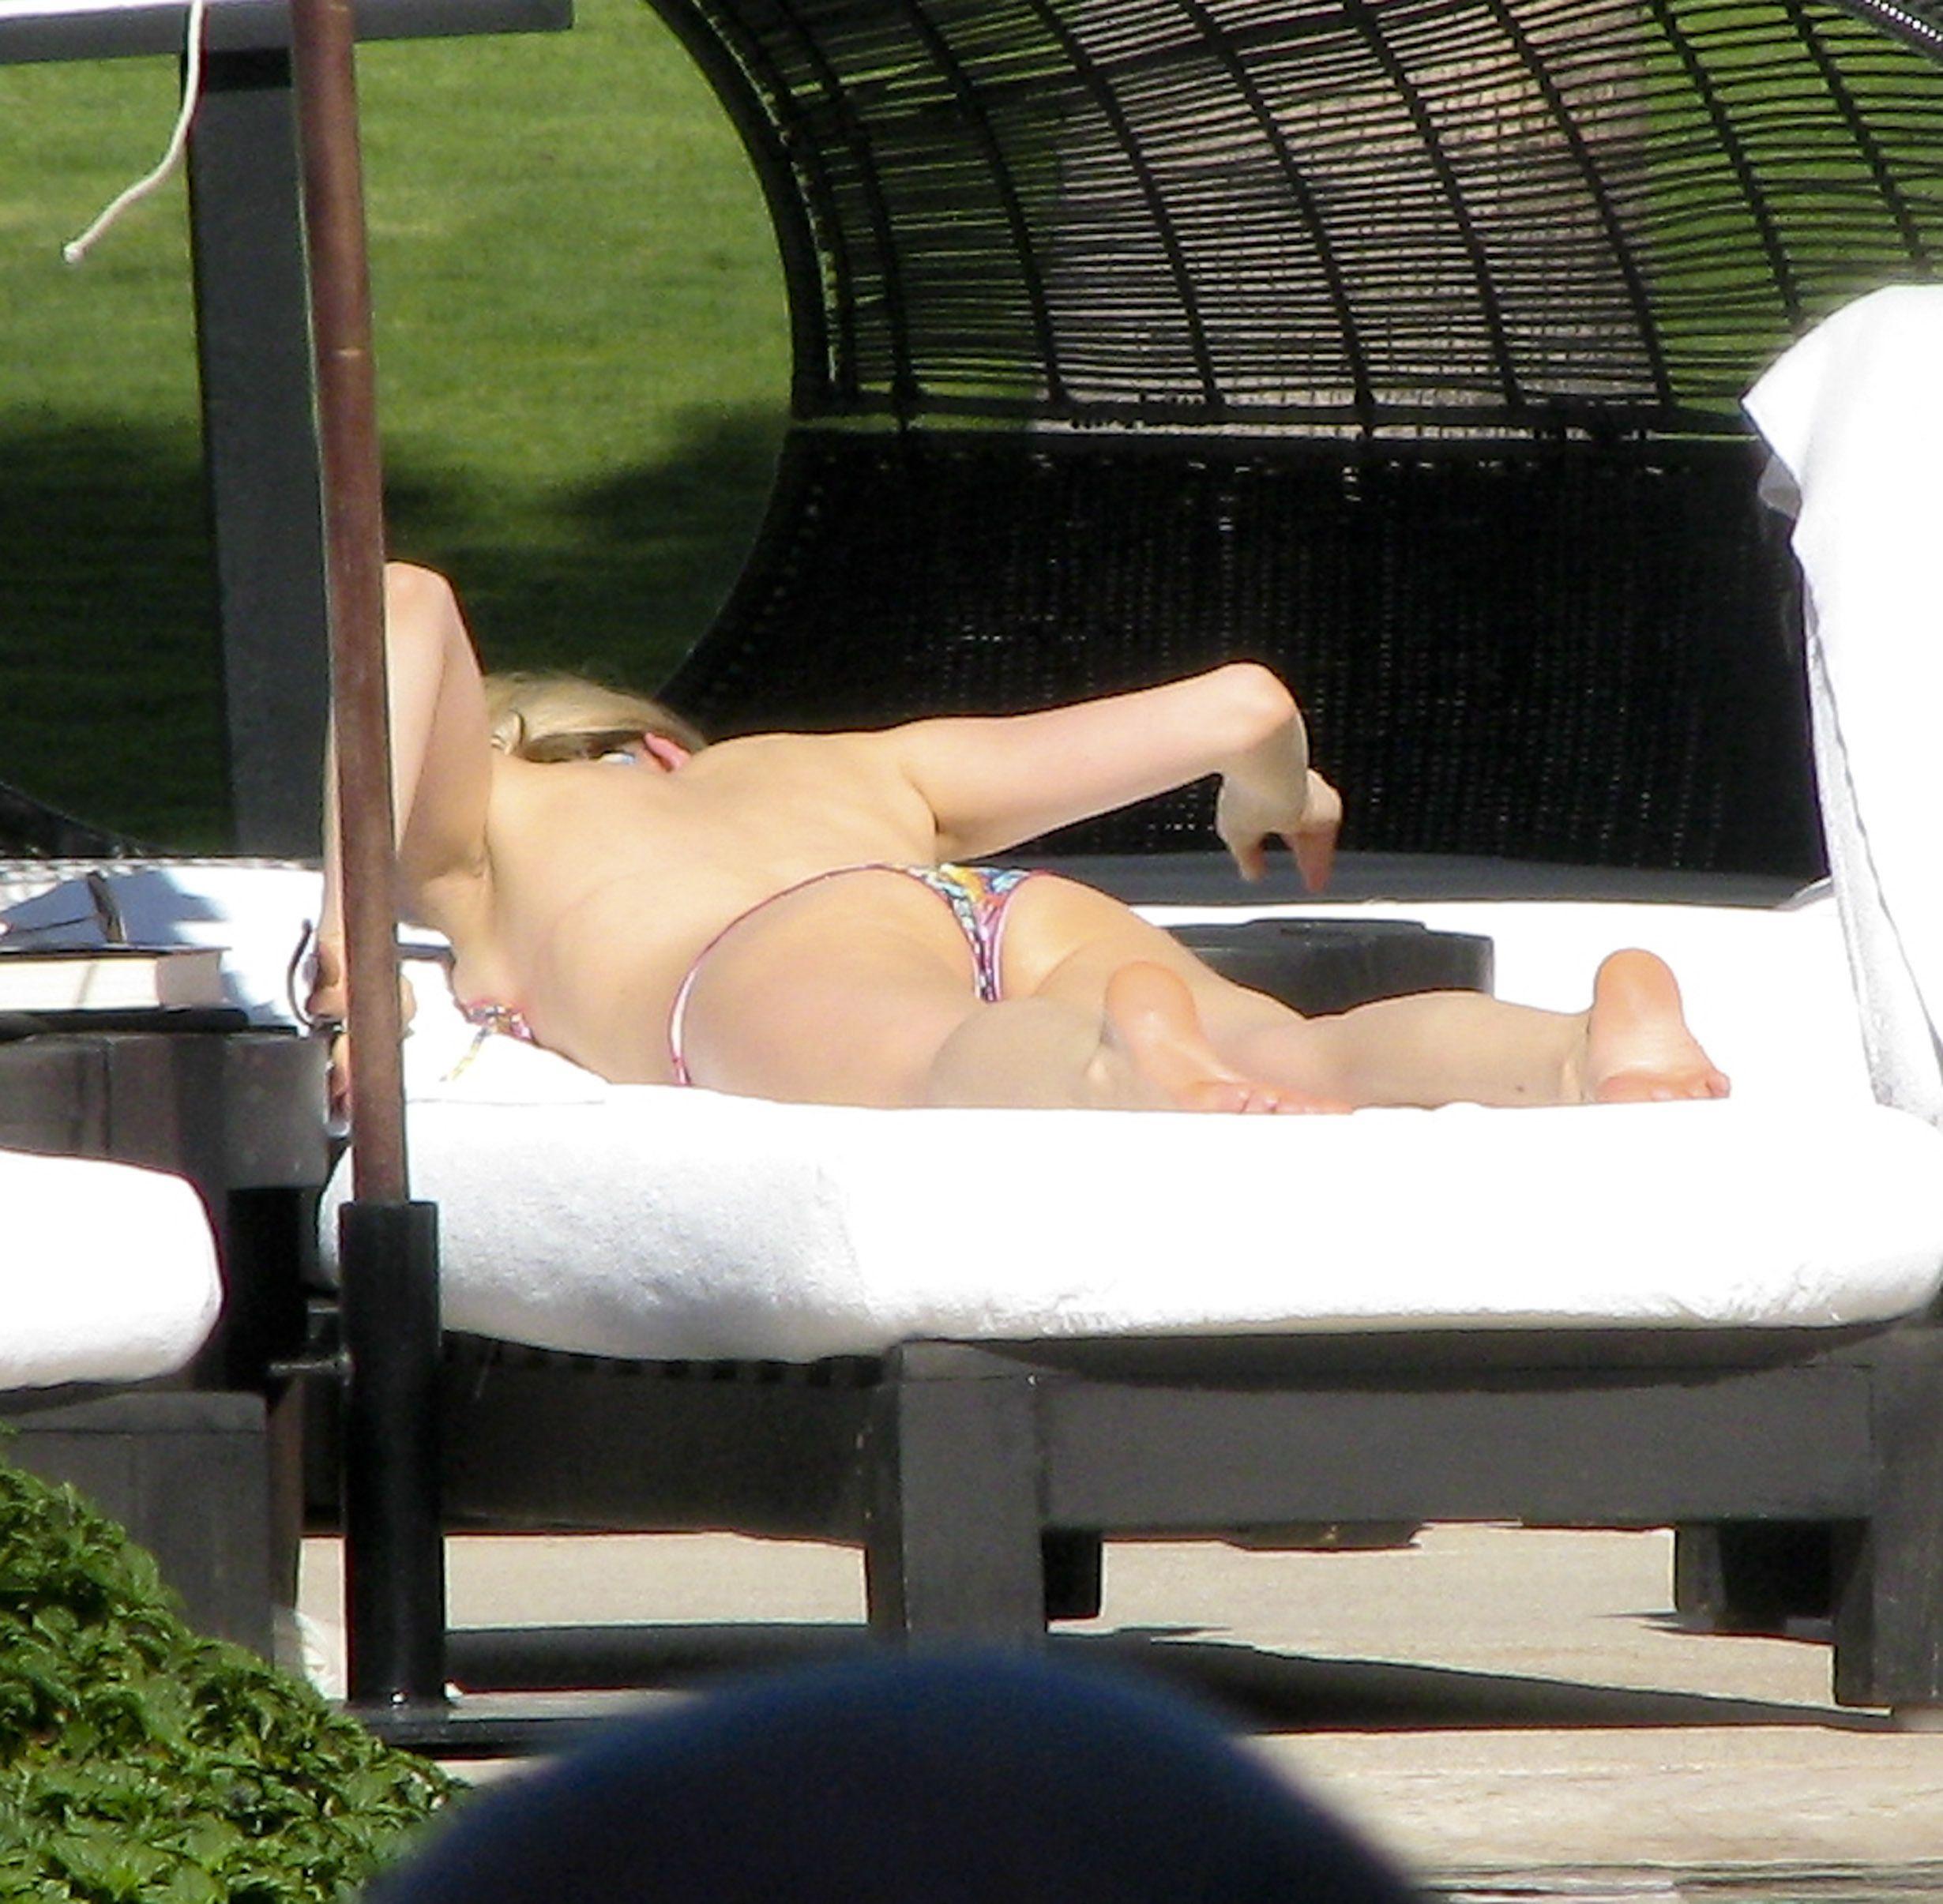 Kristin-Cavallari-in-a-Bikini-9